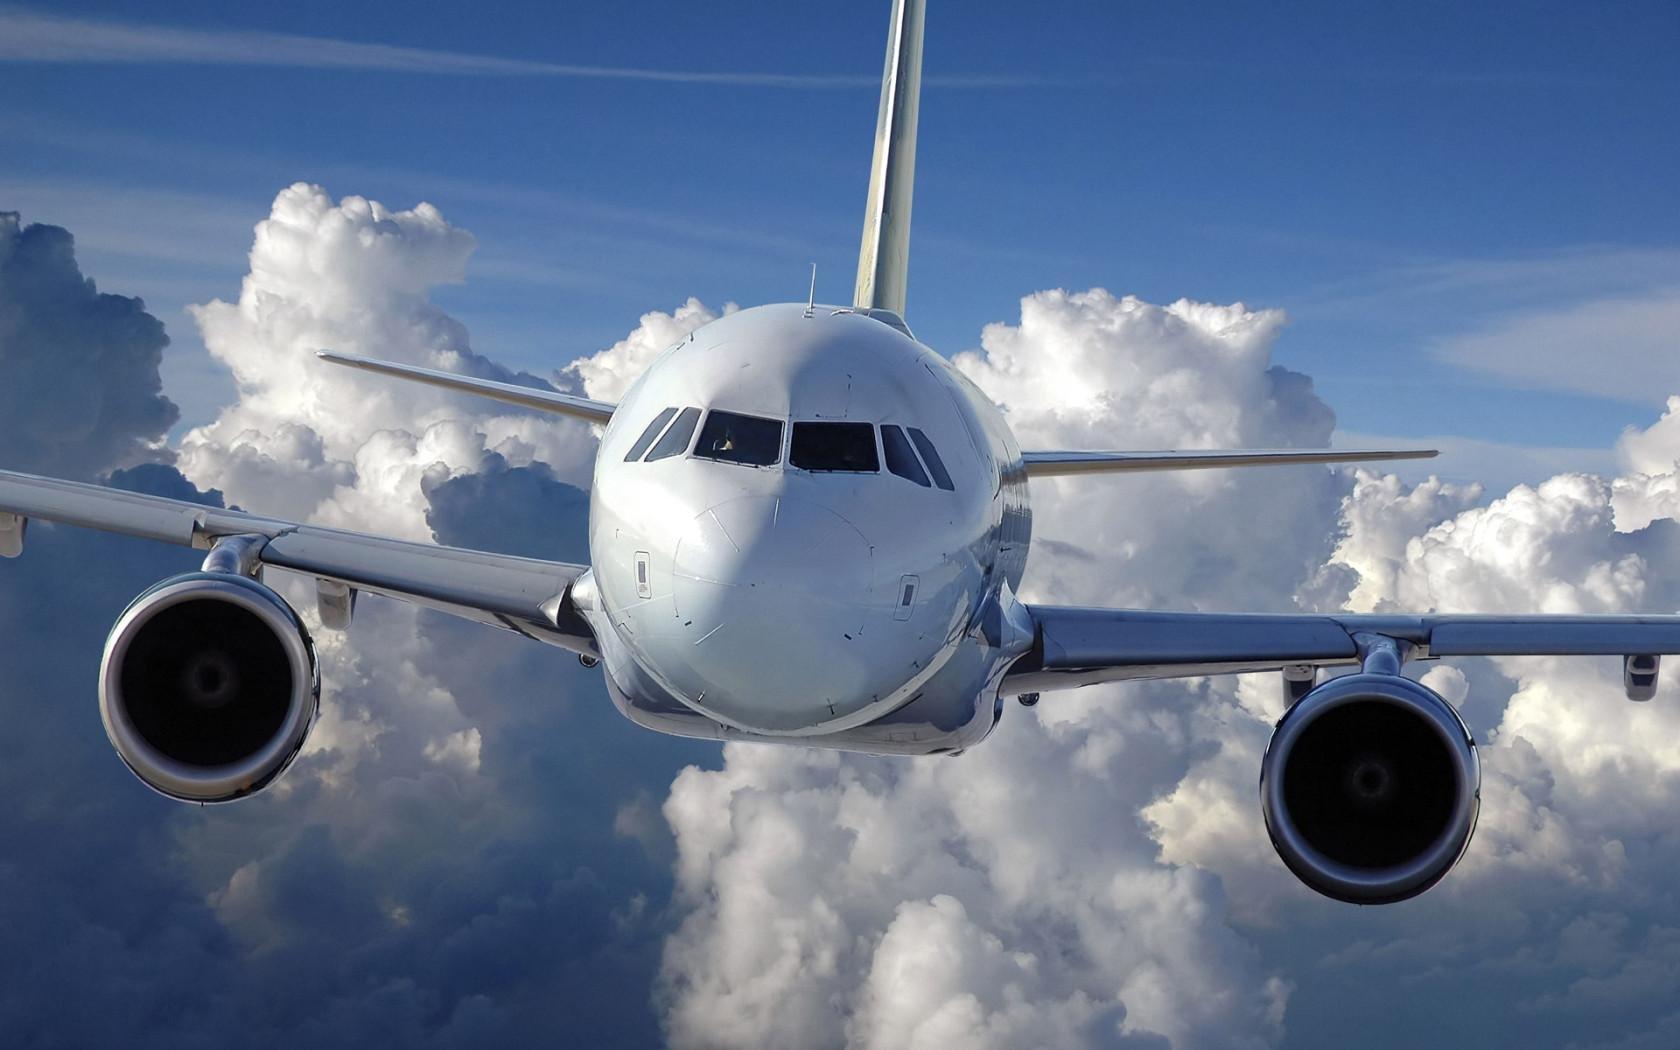 Младенец скончался наборту экстренно севшего вИгарке самолёта